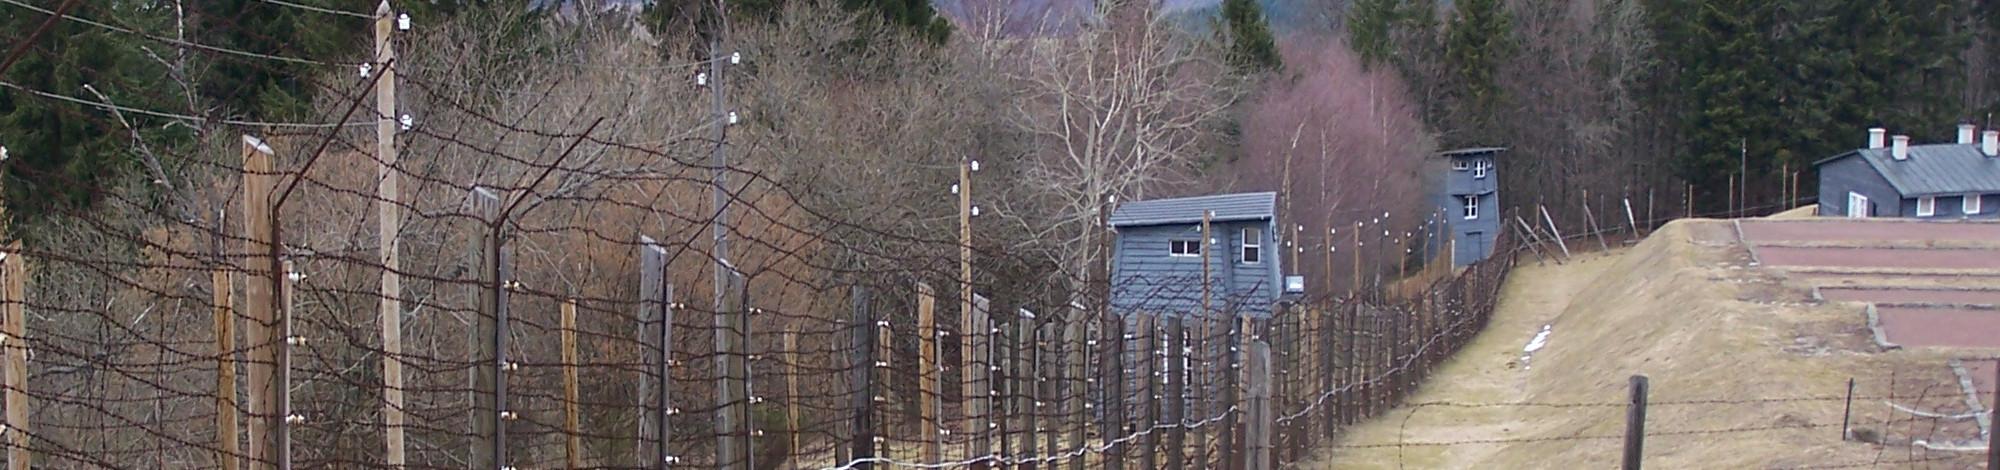 Konzentrationslager Strutthof